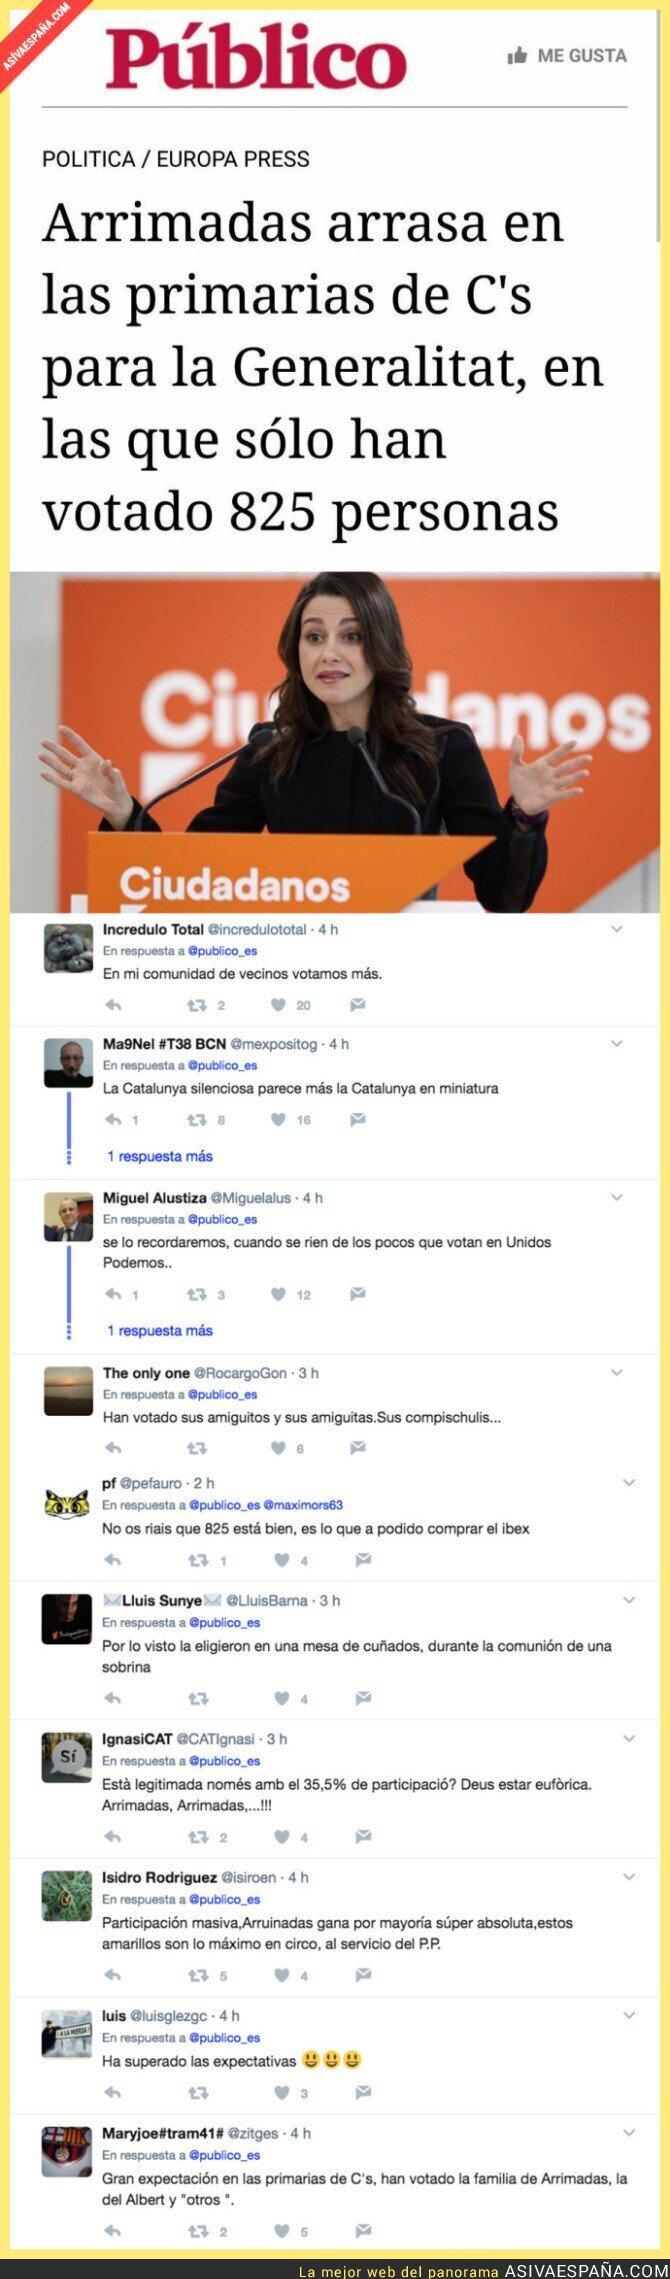 68697 - Ciudadanos y la nula participación de gente en sus primarias de Catalunya